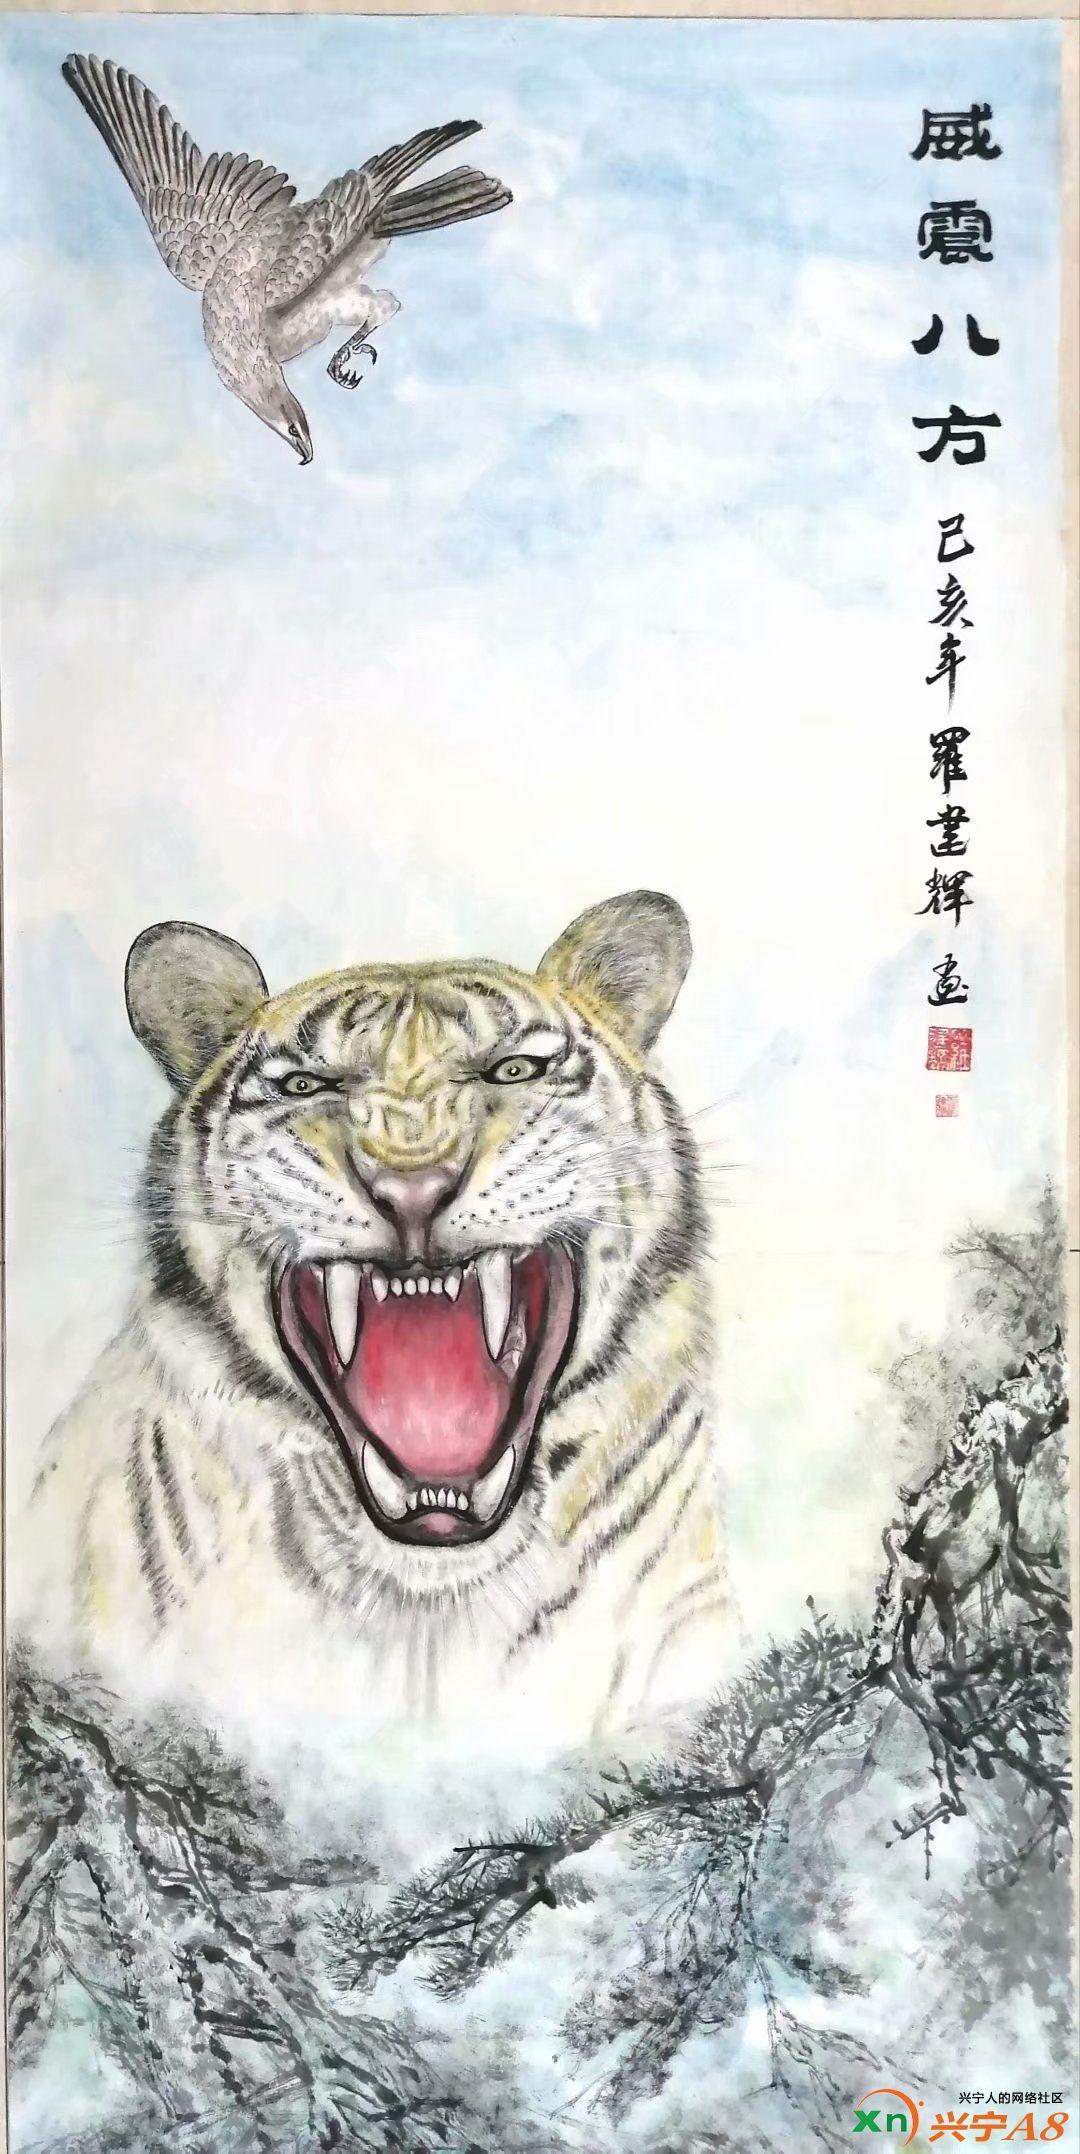 威震八方psb (30).jpg